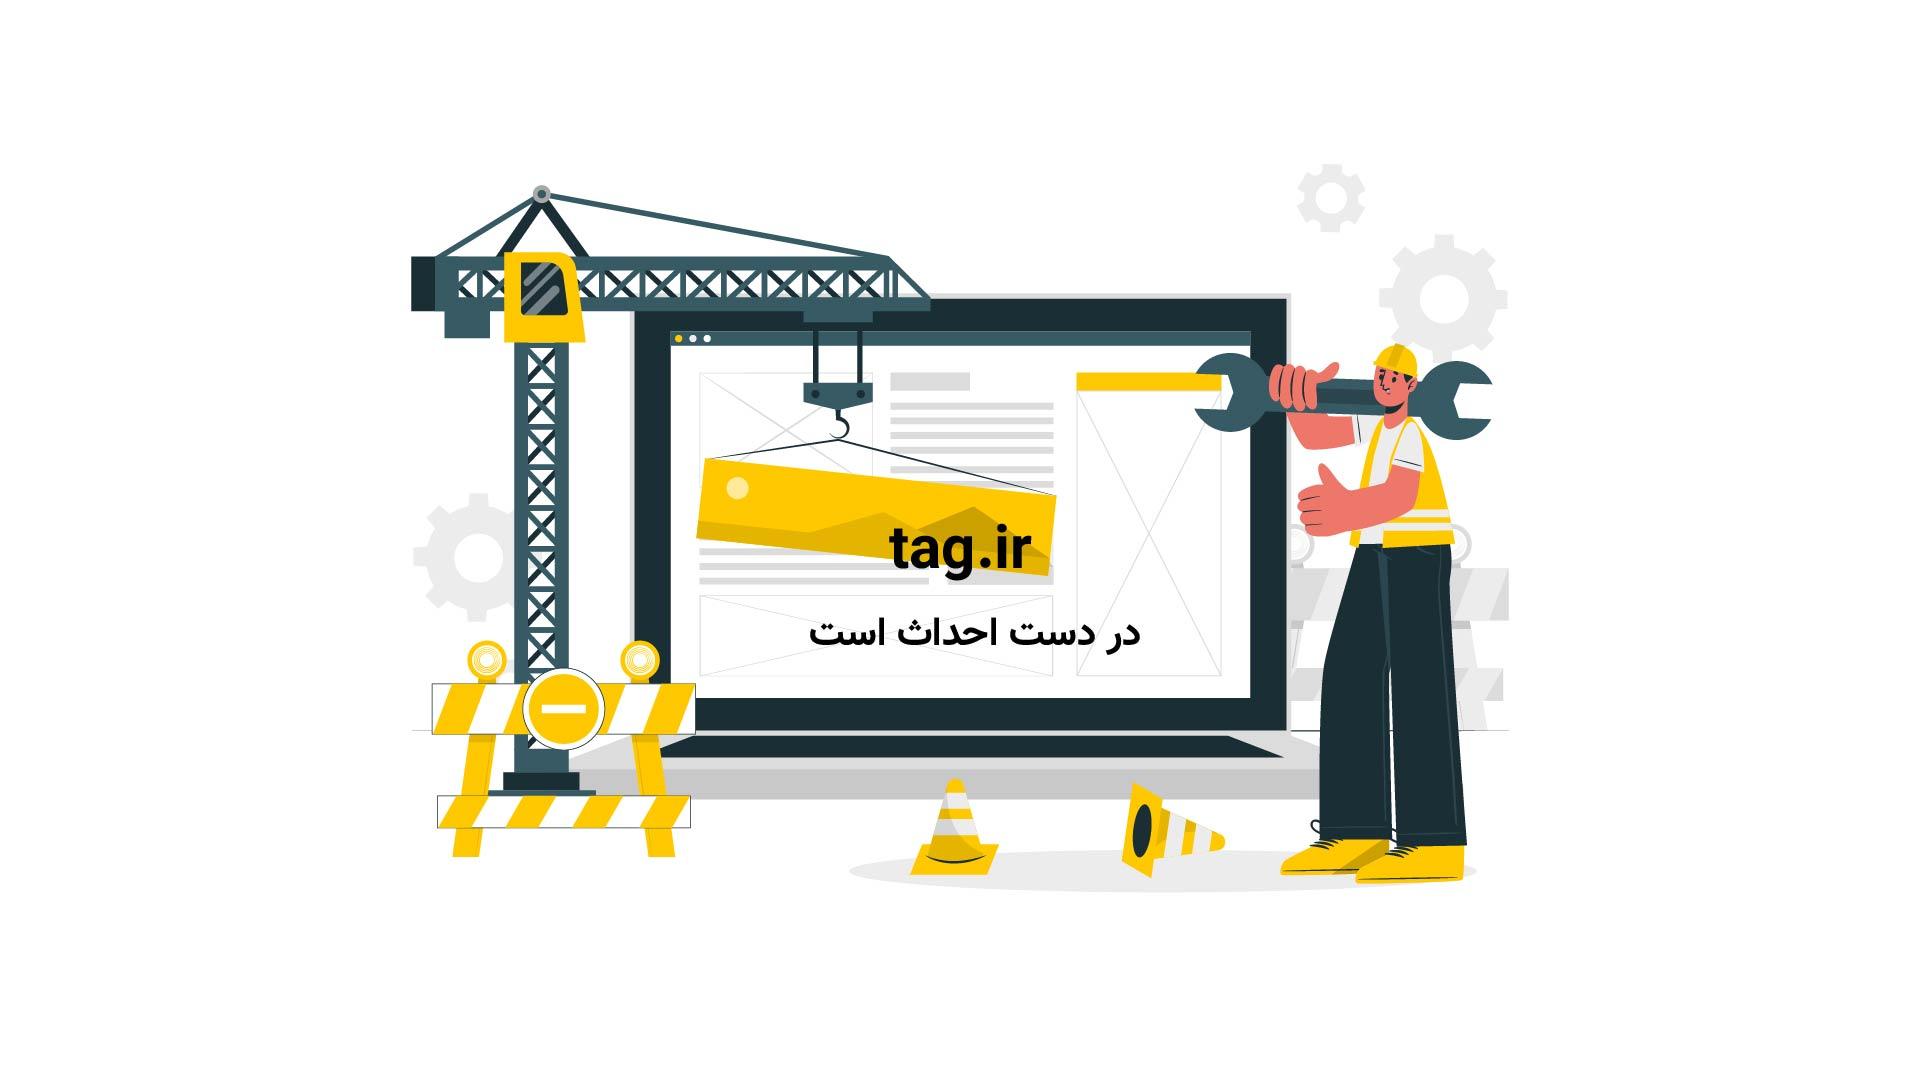 شرايط فعلي آمل و برف سنگین پاییزی | فیلم